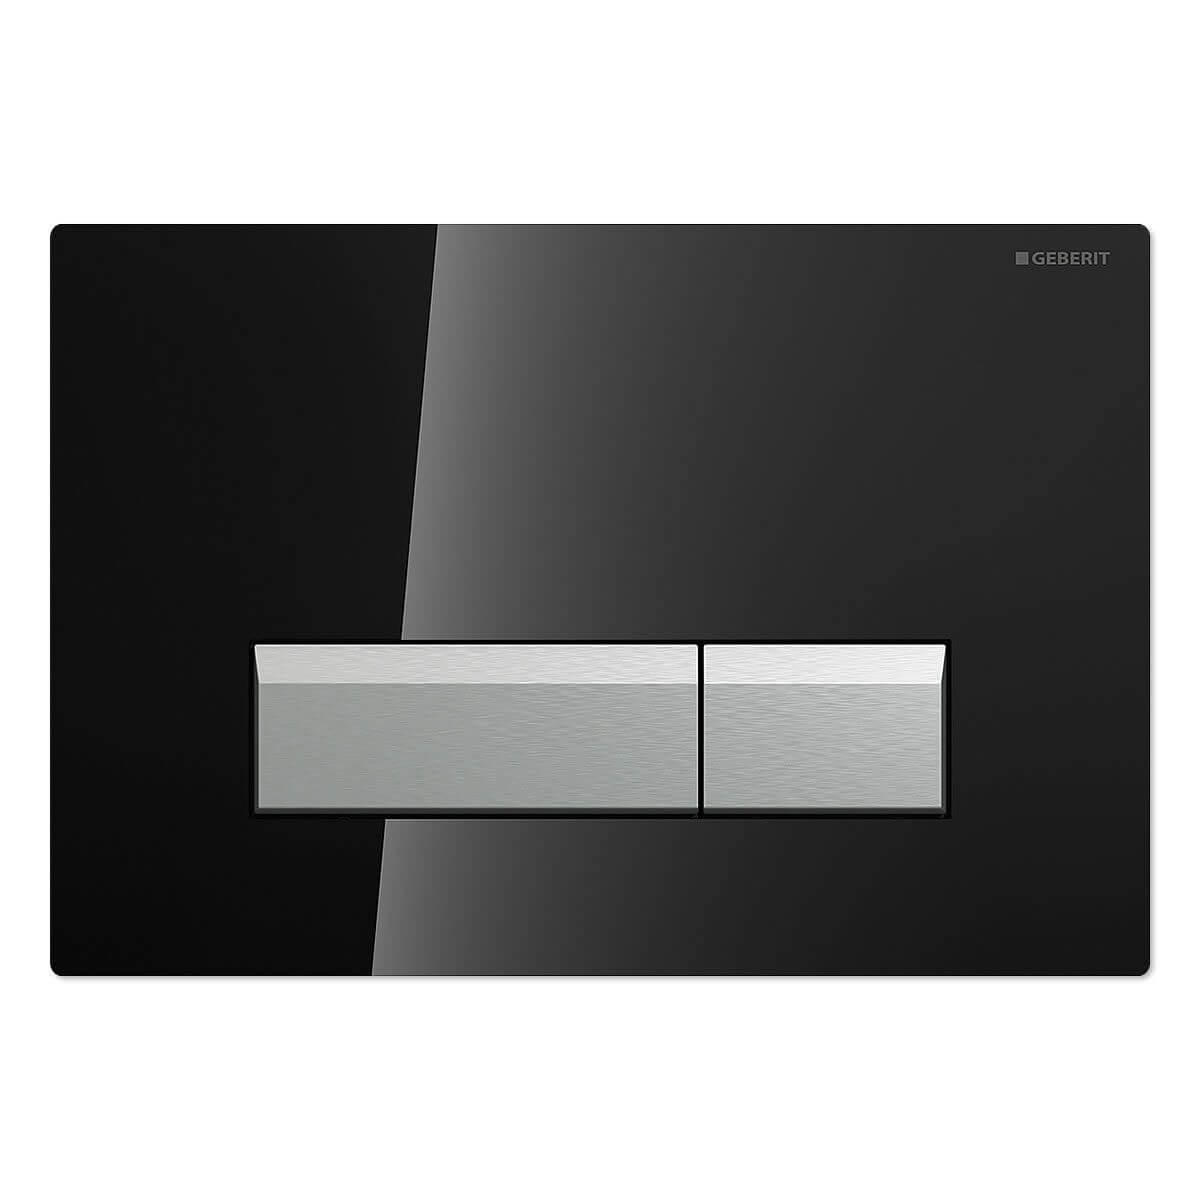 geberit sigma40 mit geruchsabsaugung glas schwarz chrom alu geb rstet 115600sj1. Black Bedroom Furniture Sets. Home Design Ideas